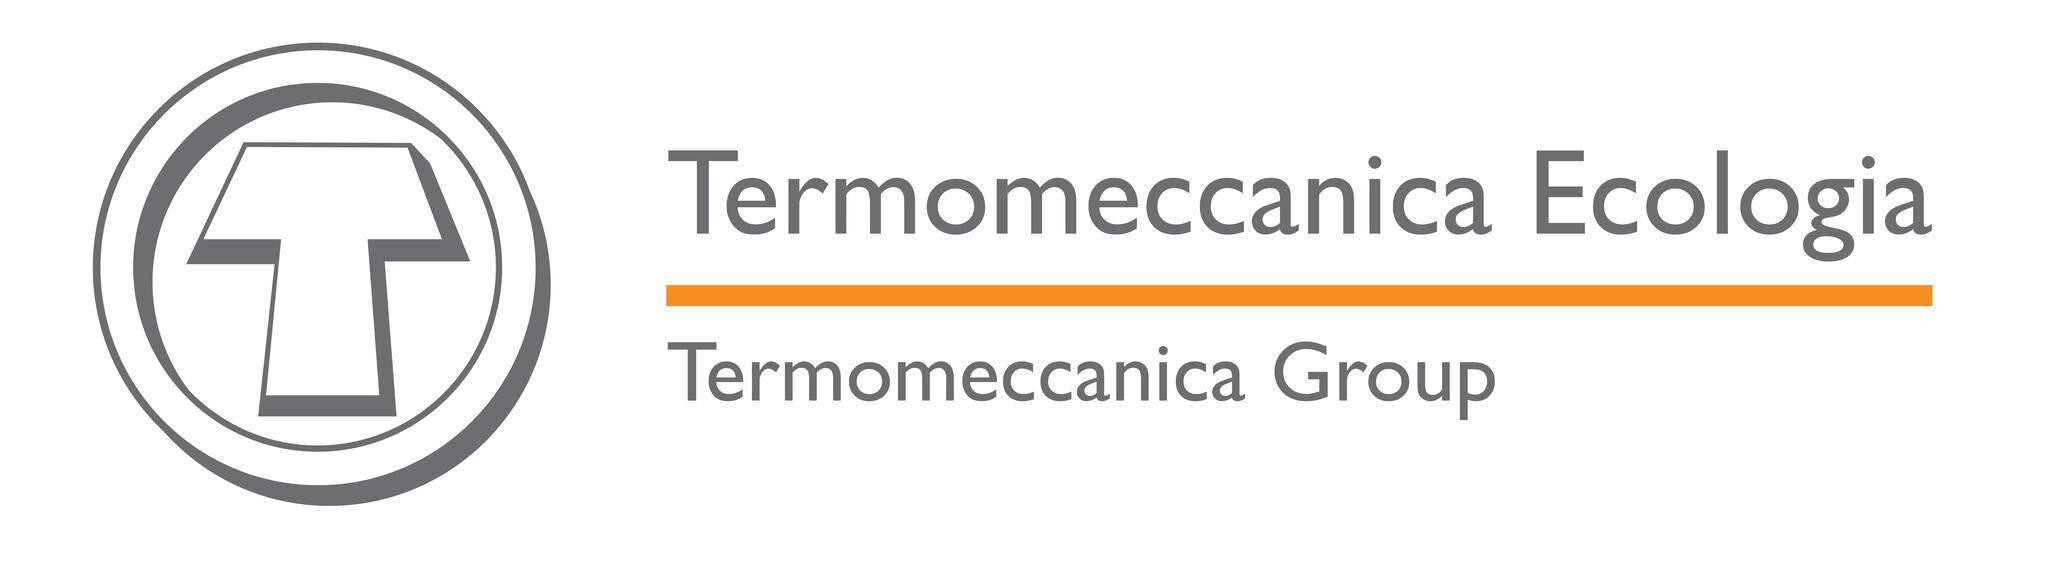 Company banner of TM.E. S.p.A. - Termomeccanica Ecologia